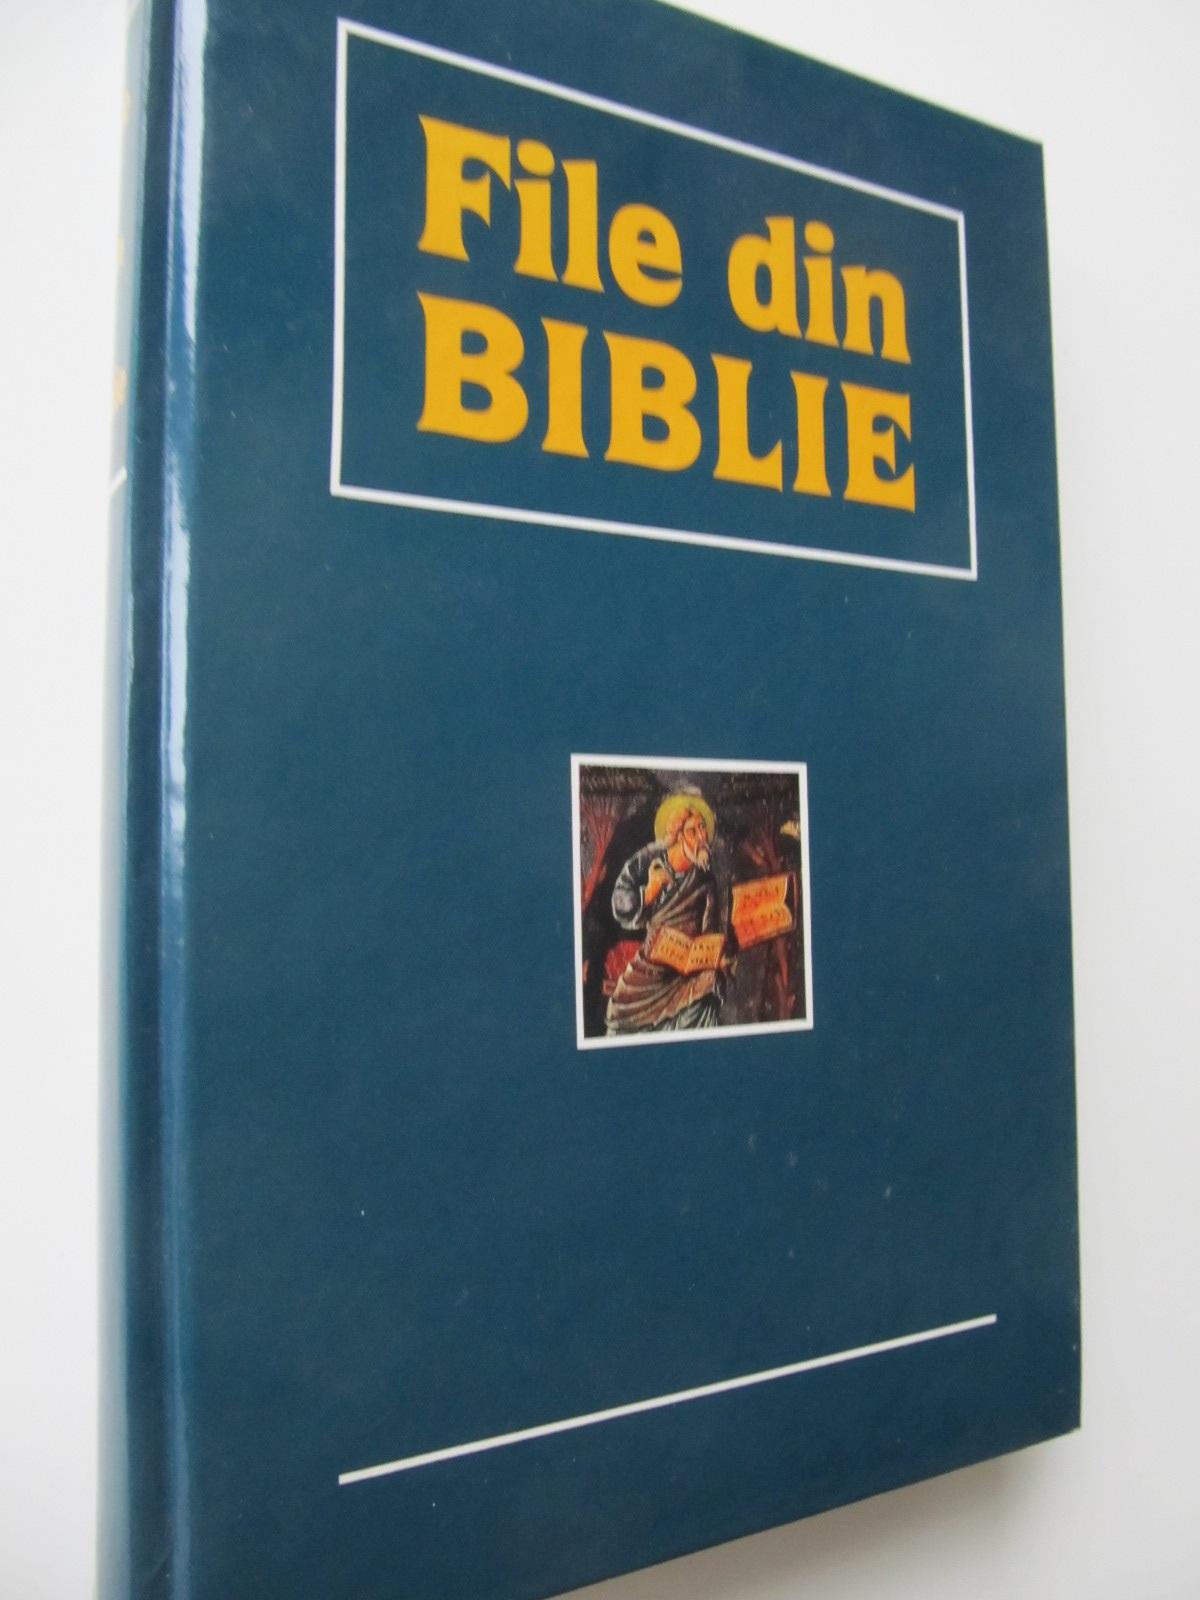 File din Biblie - *** | Detalii carte